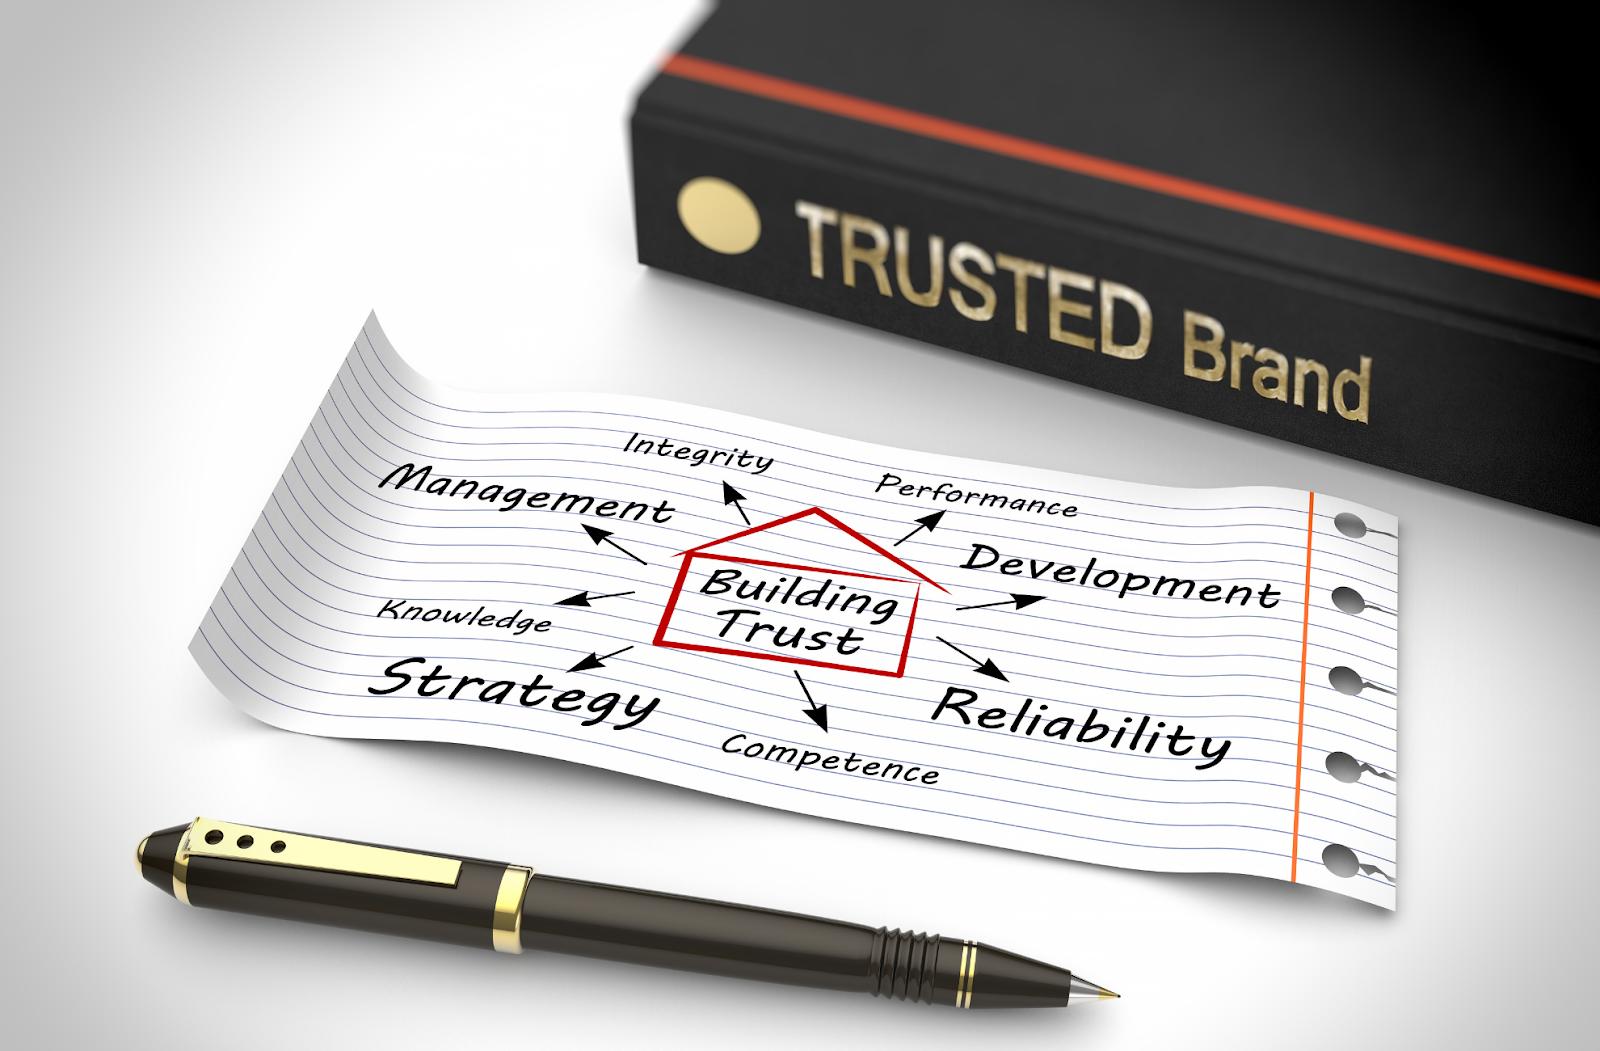 Foolproof Digital Marketing Tips for Bathroom Remodeling Contractors, Foolproof Digital Marketing Tips for Bathroom Remodeling Contractors, Tulumi